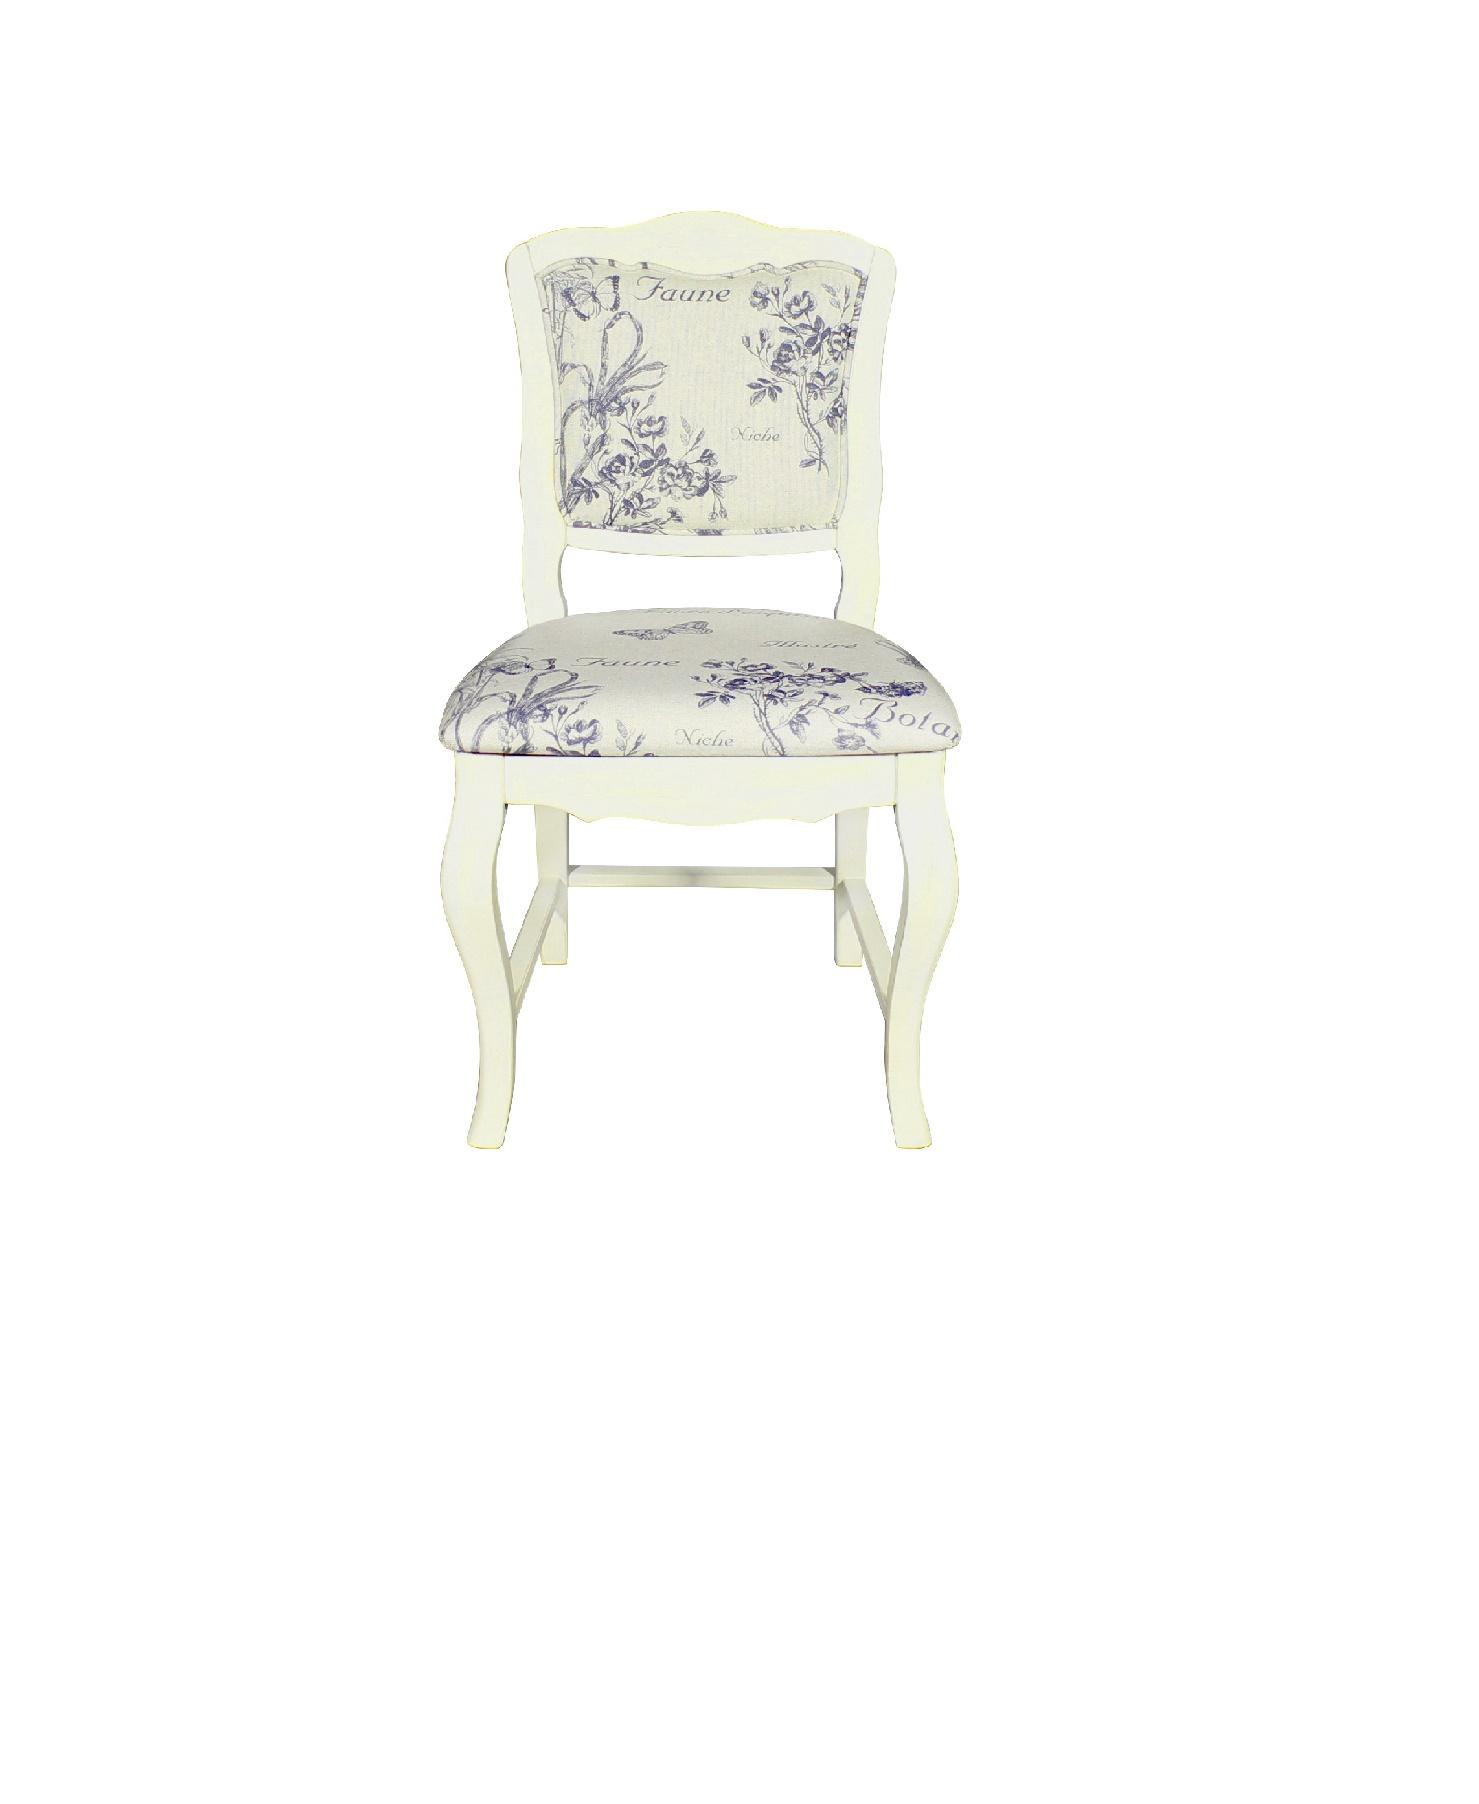 Стул Blanc bonbonОбеденные стулья<br>Стиль прованс является одним из лучших для оформления столовой. Воссоздать его в своей квартире можно с помощью стульев &amp;quot;Blanc Bonbon&amp;quot;. Удивительно элегантные, они будут дарить обеденной зоне тепло домашнего уюта. Благодаря такой мебели находиться в комнате будет очень приятно, из-за чего столовая сможет стать любимым местом сбора всей семьи.&amp;amp;nbsp;&amp;lt;div&amp;gt;&amp;lt;br&amp;gt;&amp;lt;/div&amp;gt;&amp;lt;div&amp;gt;Материал: массив березы, полиэстер&amp;lt;/div&amp;gt;<br><br>Material: Текстиль<br>Length см: 46<br>Width см: 46<br>Height см: 91